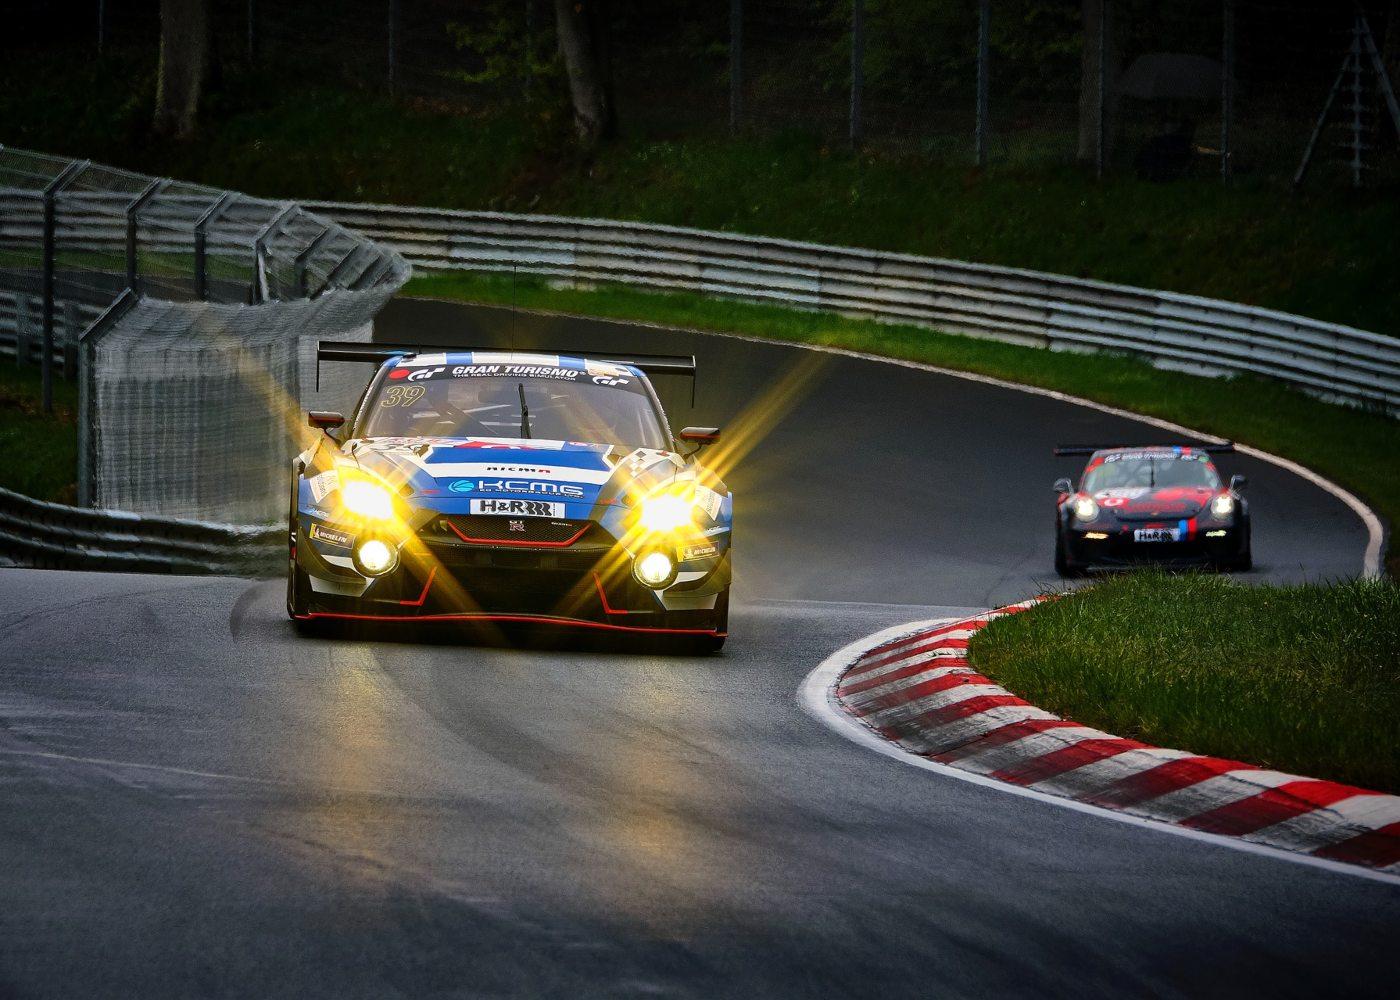 carros de corrida num circuito